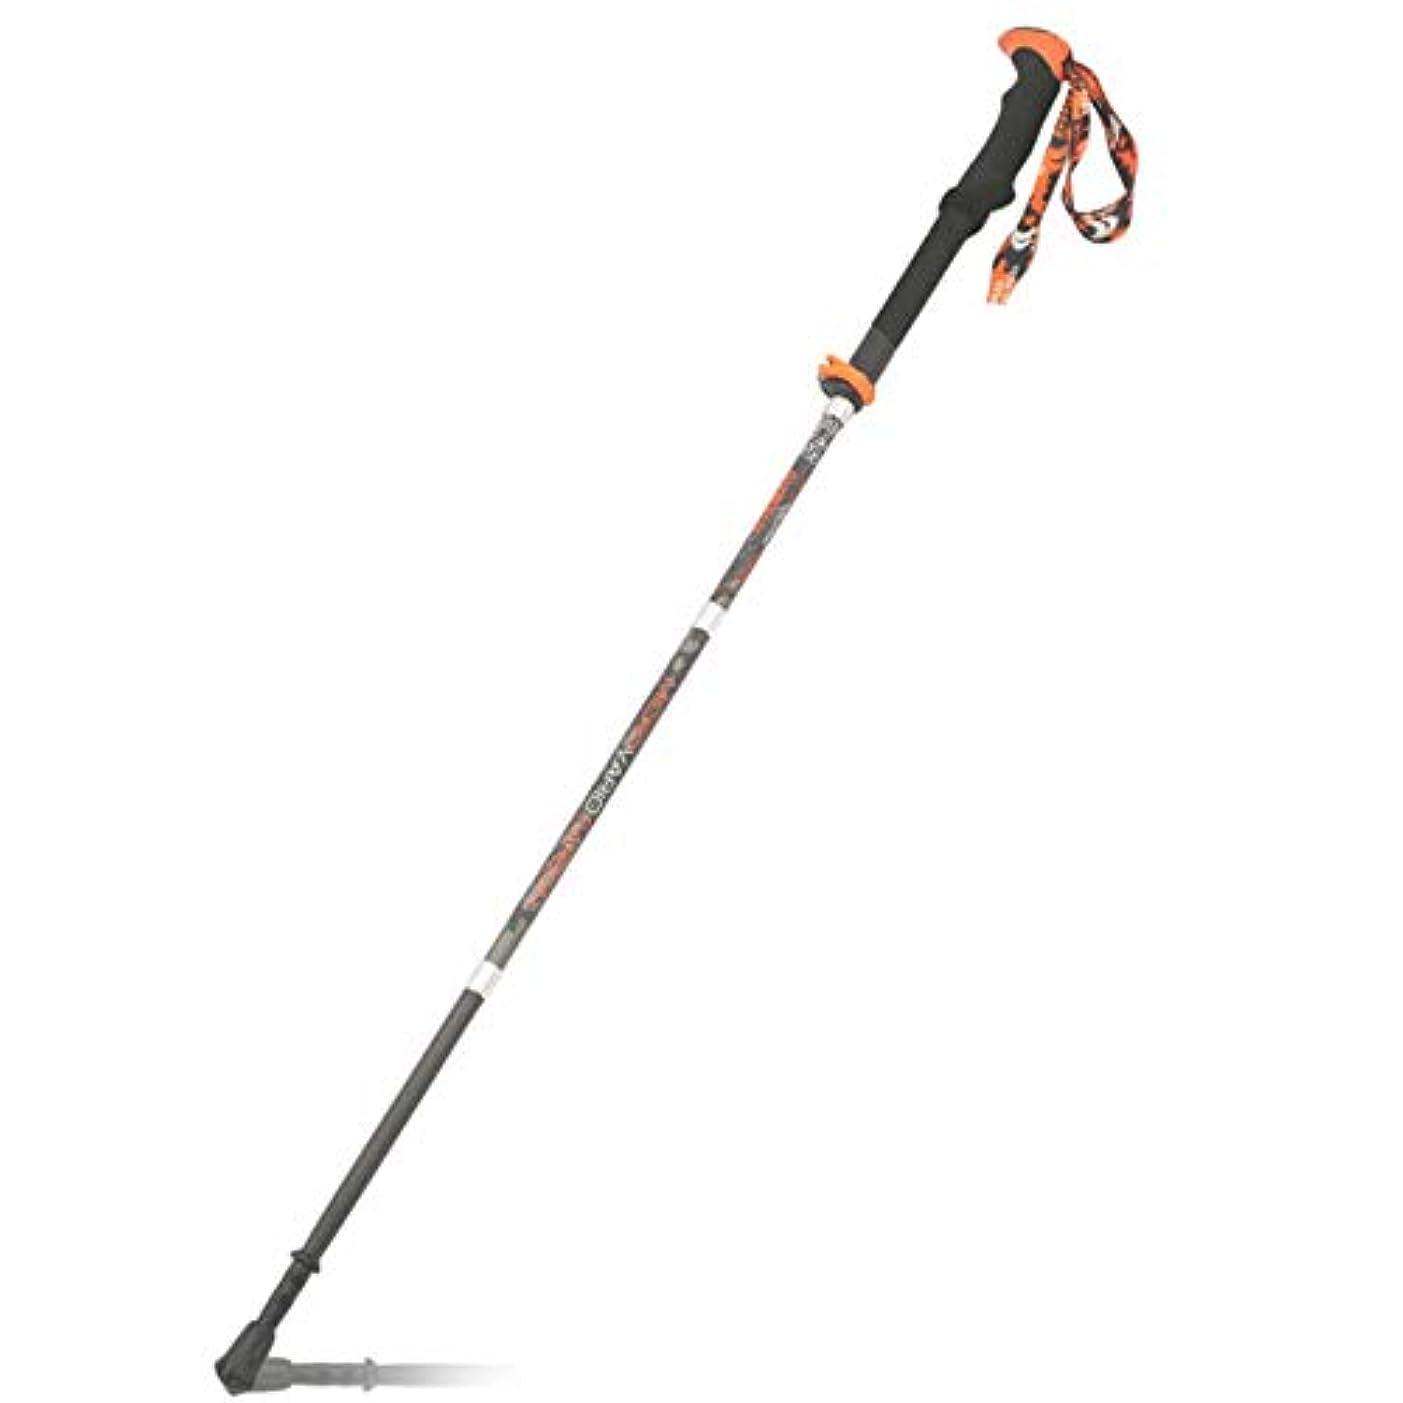 お酒気候の山悪魔トレッキングポールカーボンライト伸縮式折りたたみステッキアルミ合金ストレートハンドル松葉杖